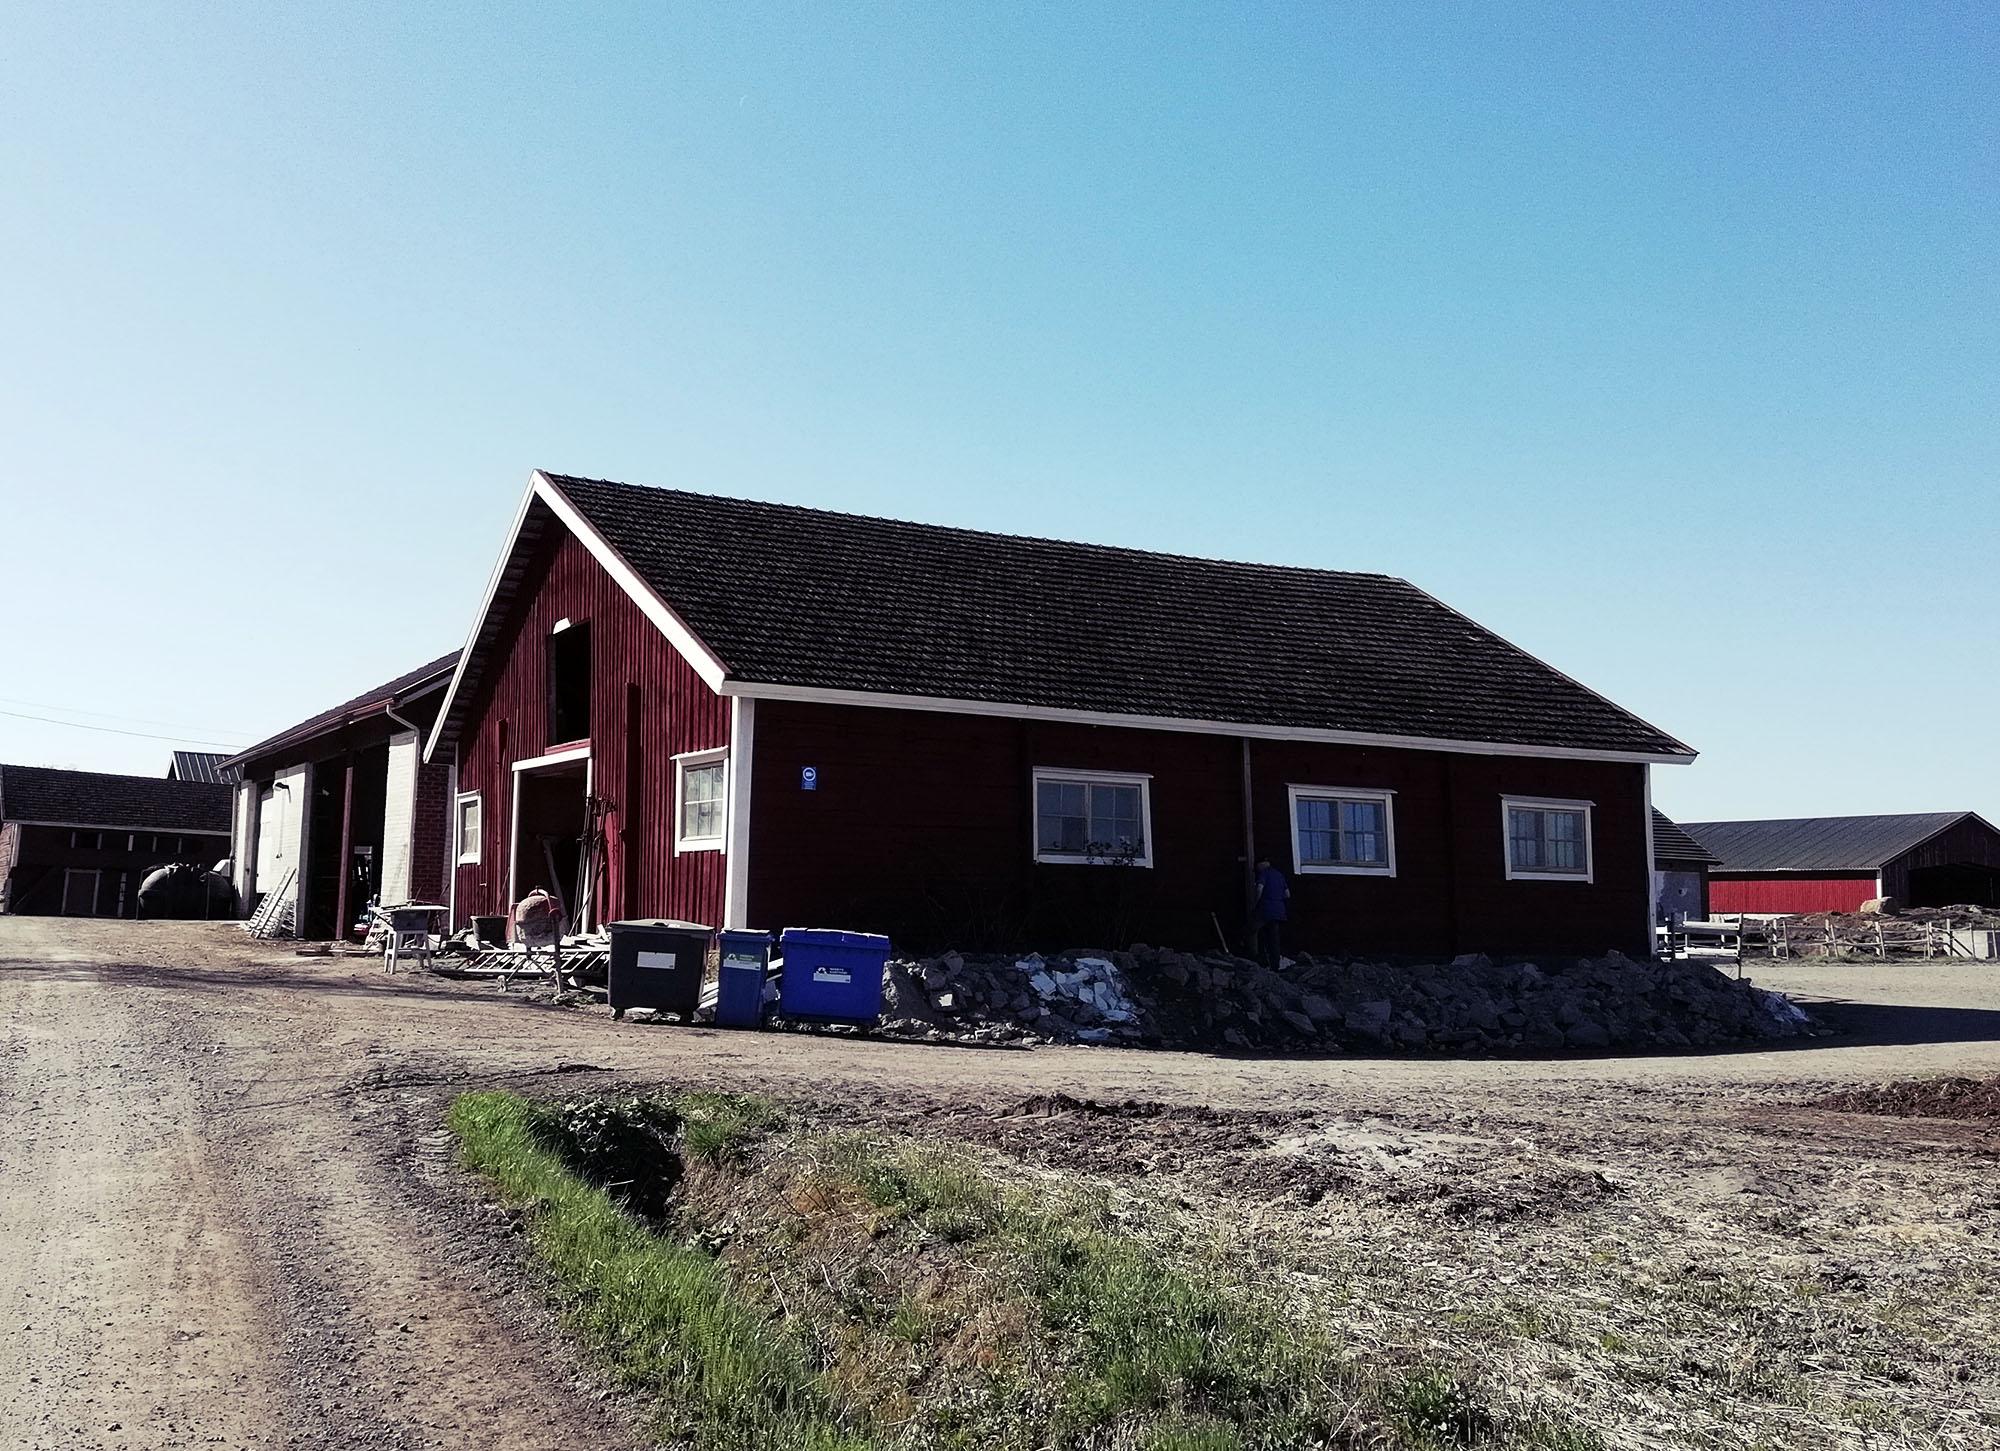 Ainutlaatuinen studio - Lammaskalliolle valmistuu uusi studio 31.12.2018. Se on suunniteltu mahdollisimman viihtyisäksi luovaksi tilaksi. Janne Riionheimon kanssa suunnitellut tilat tehdään valtavan hyvän kuuloisiksi. Tila on avara ja valoisa, ja ikkunoista näkyy hevoslaidun sekäpeltoa silmänkantamattomiin.